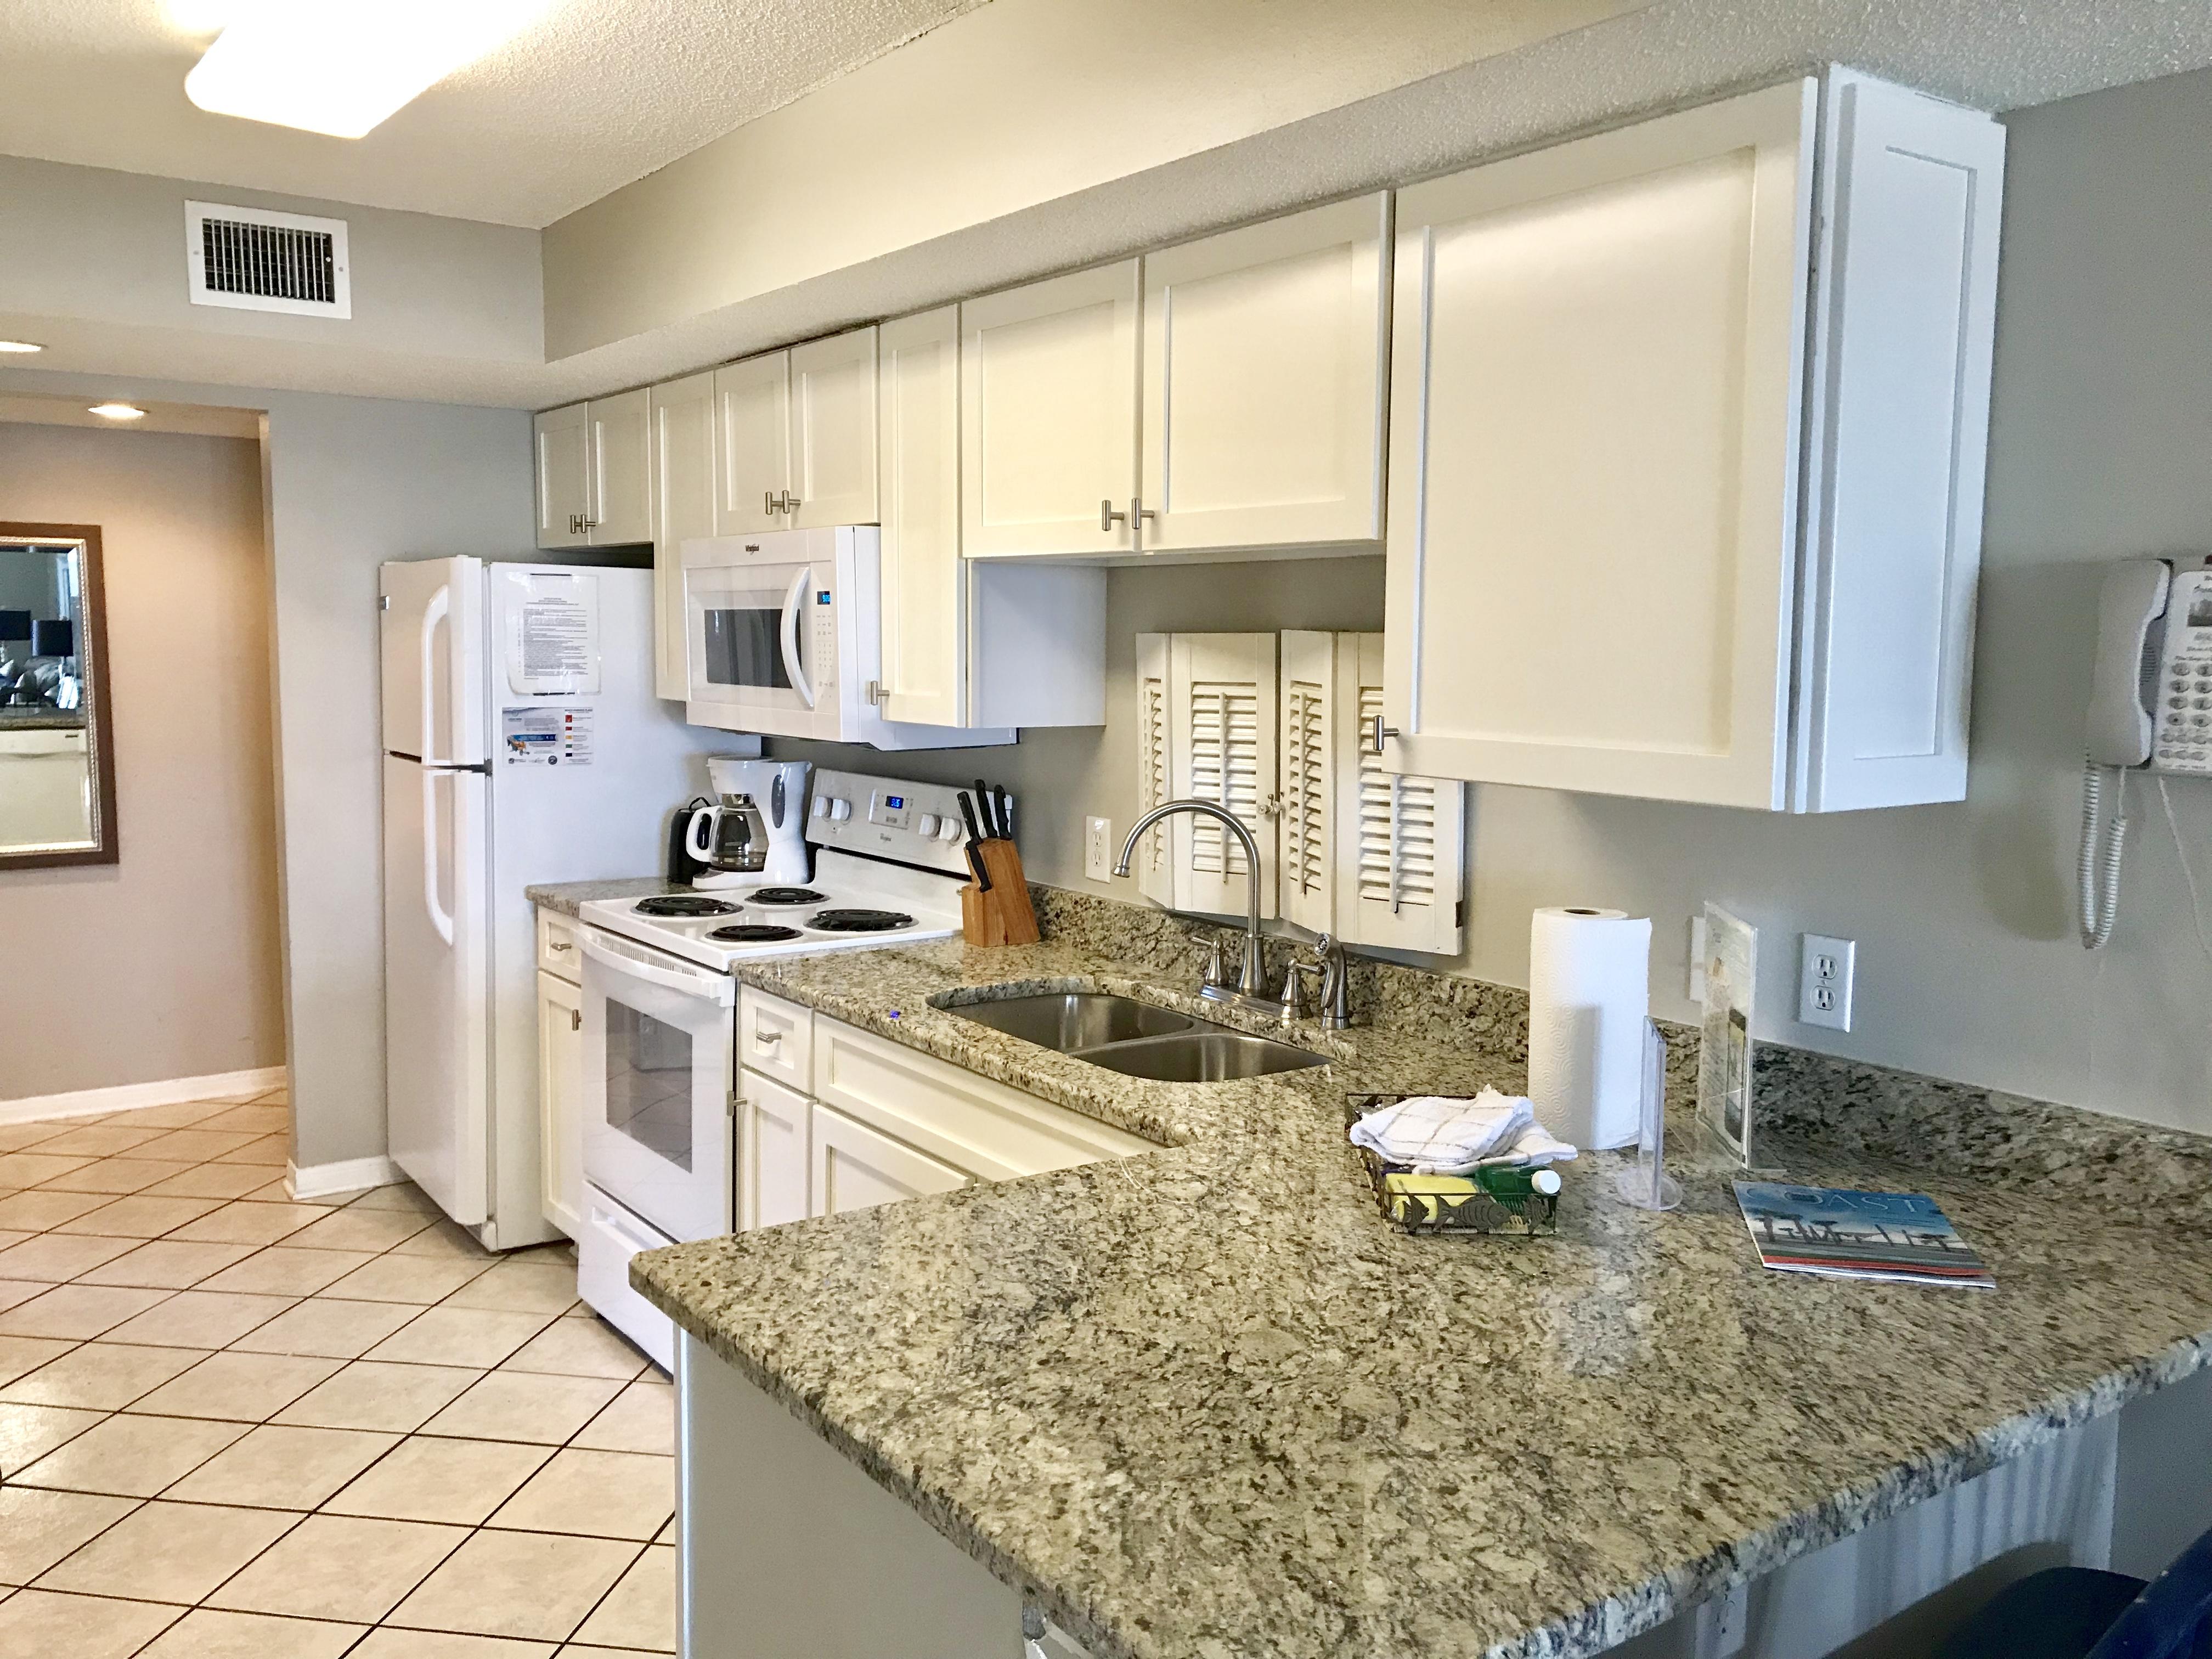 Ocean House 2206 Condo rental in Ocean House - Gulf Shores in Gulf Shores Alabama - #10